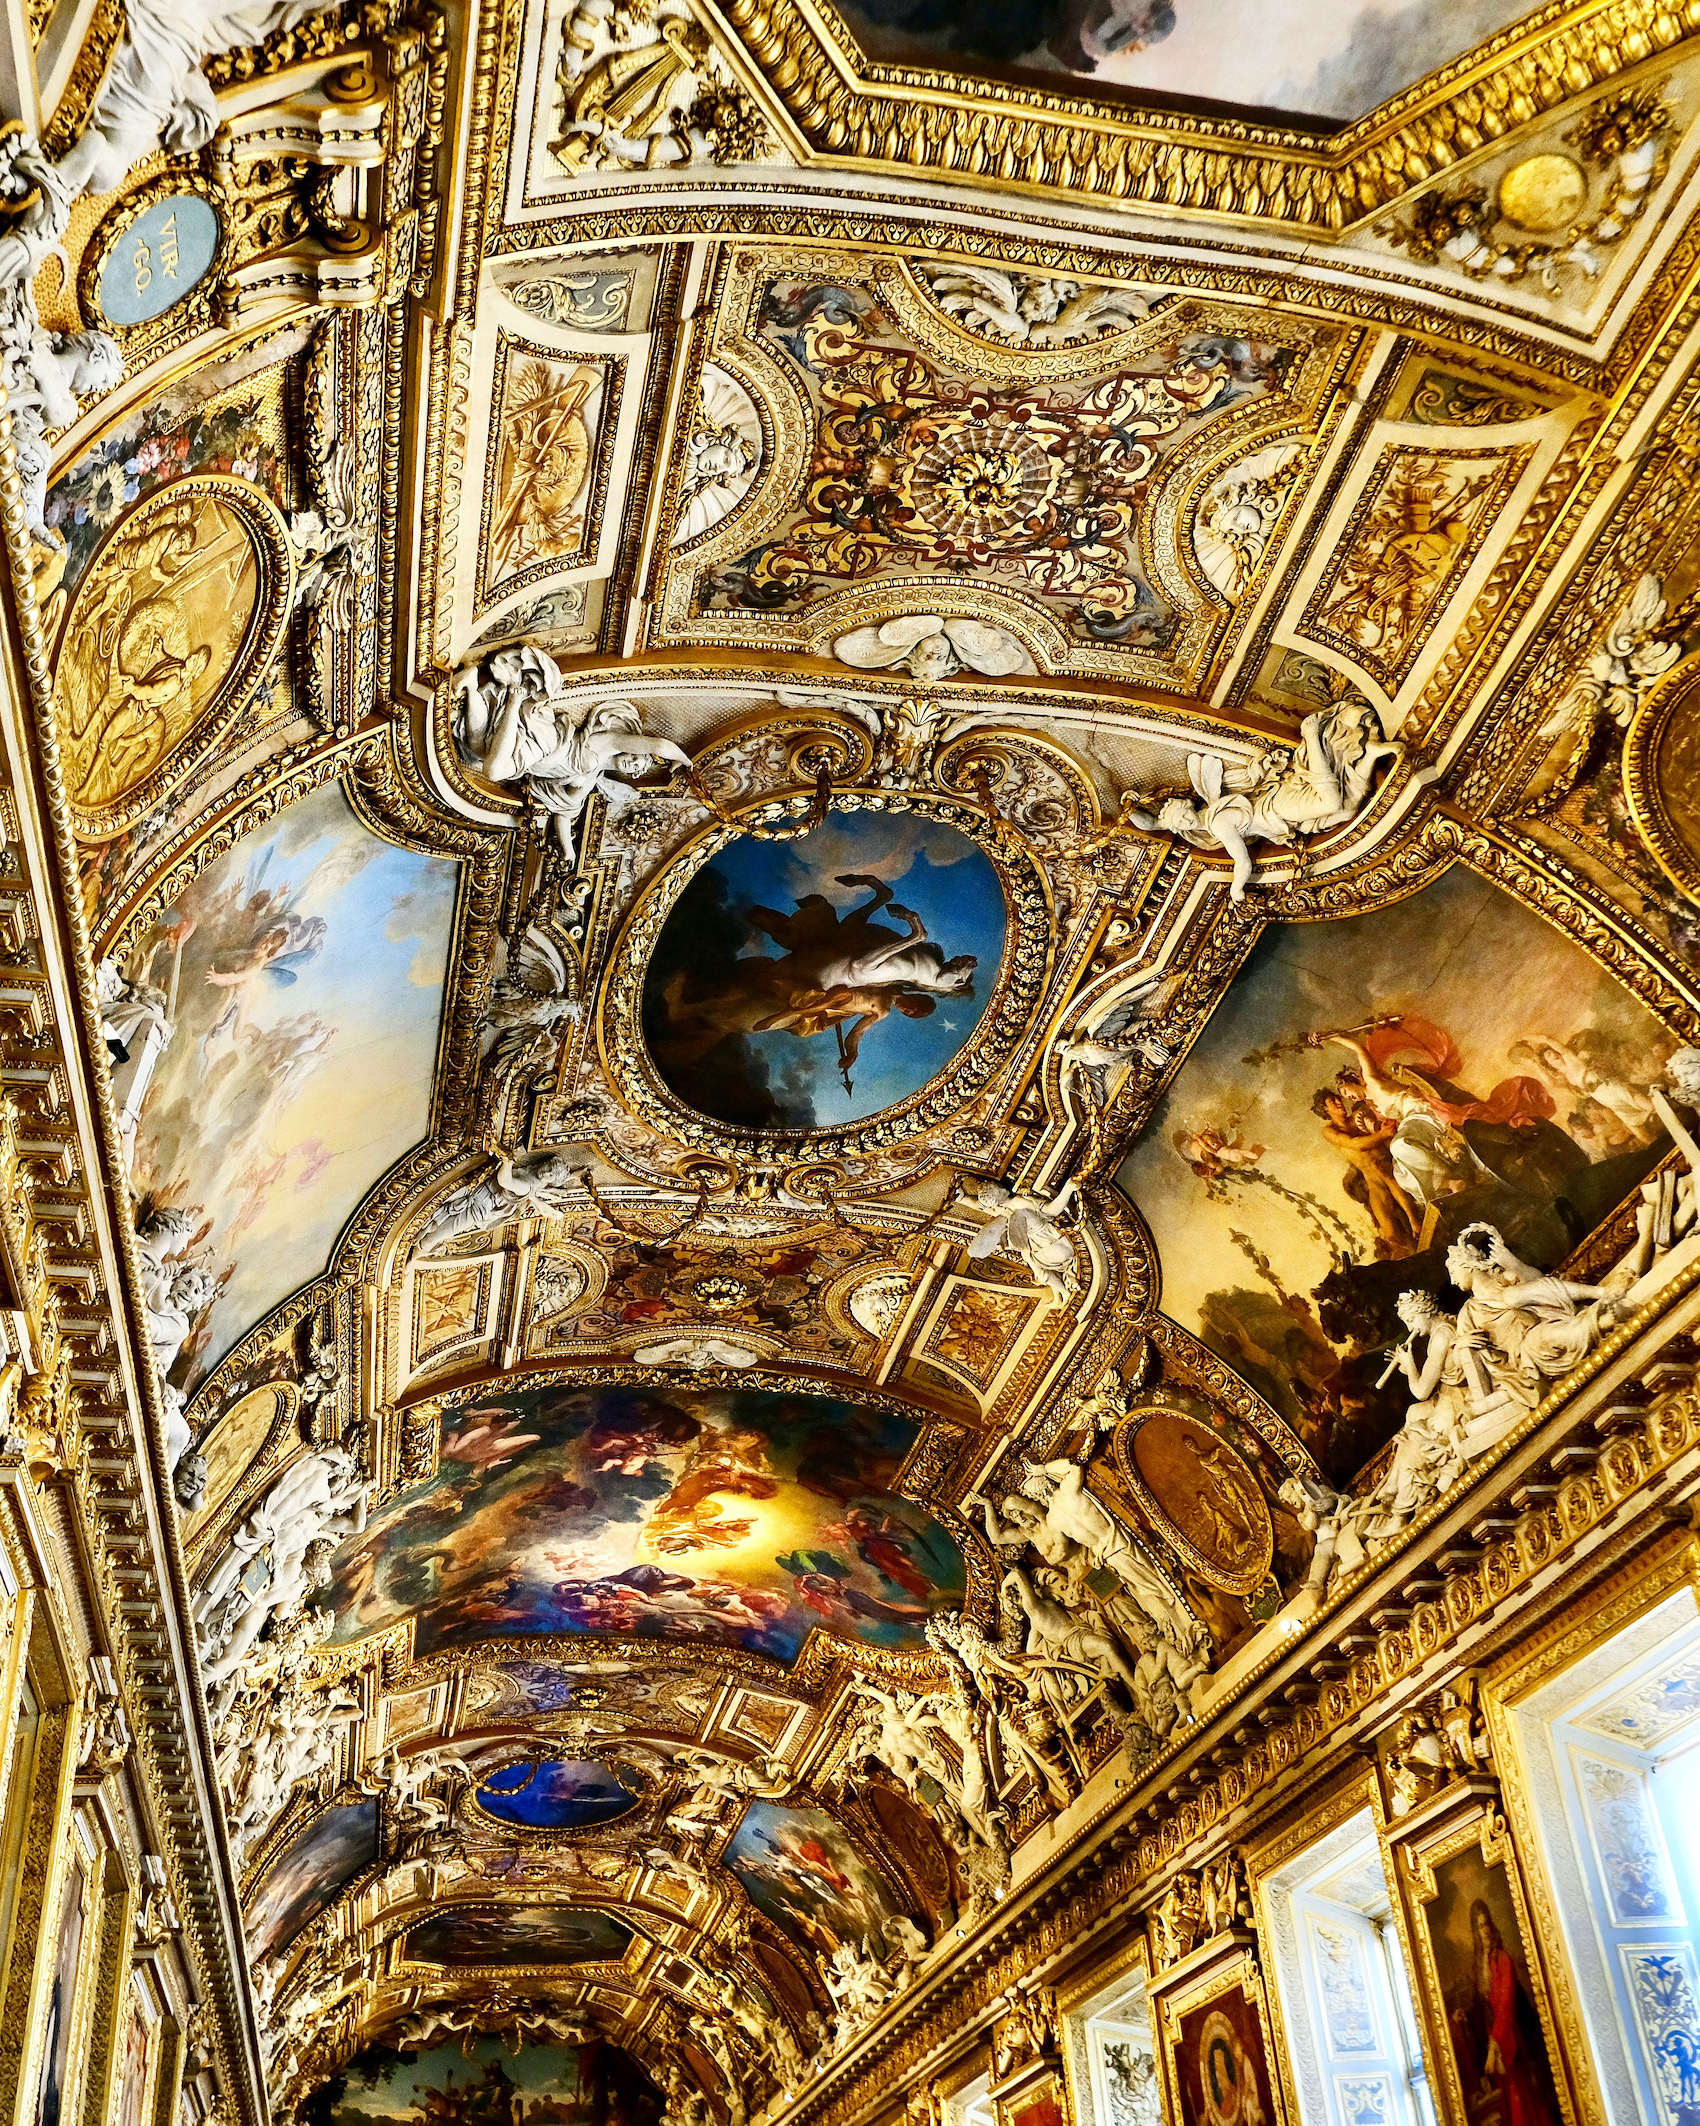 Galerie d'Apollon at Musée du Louvre